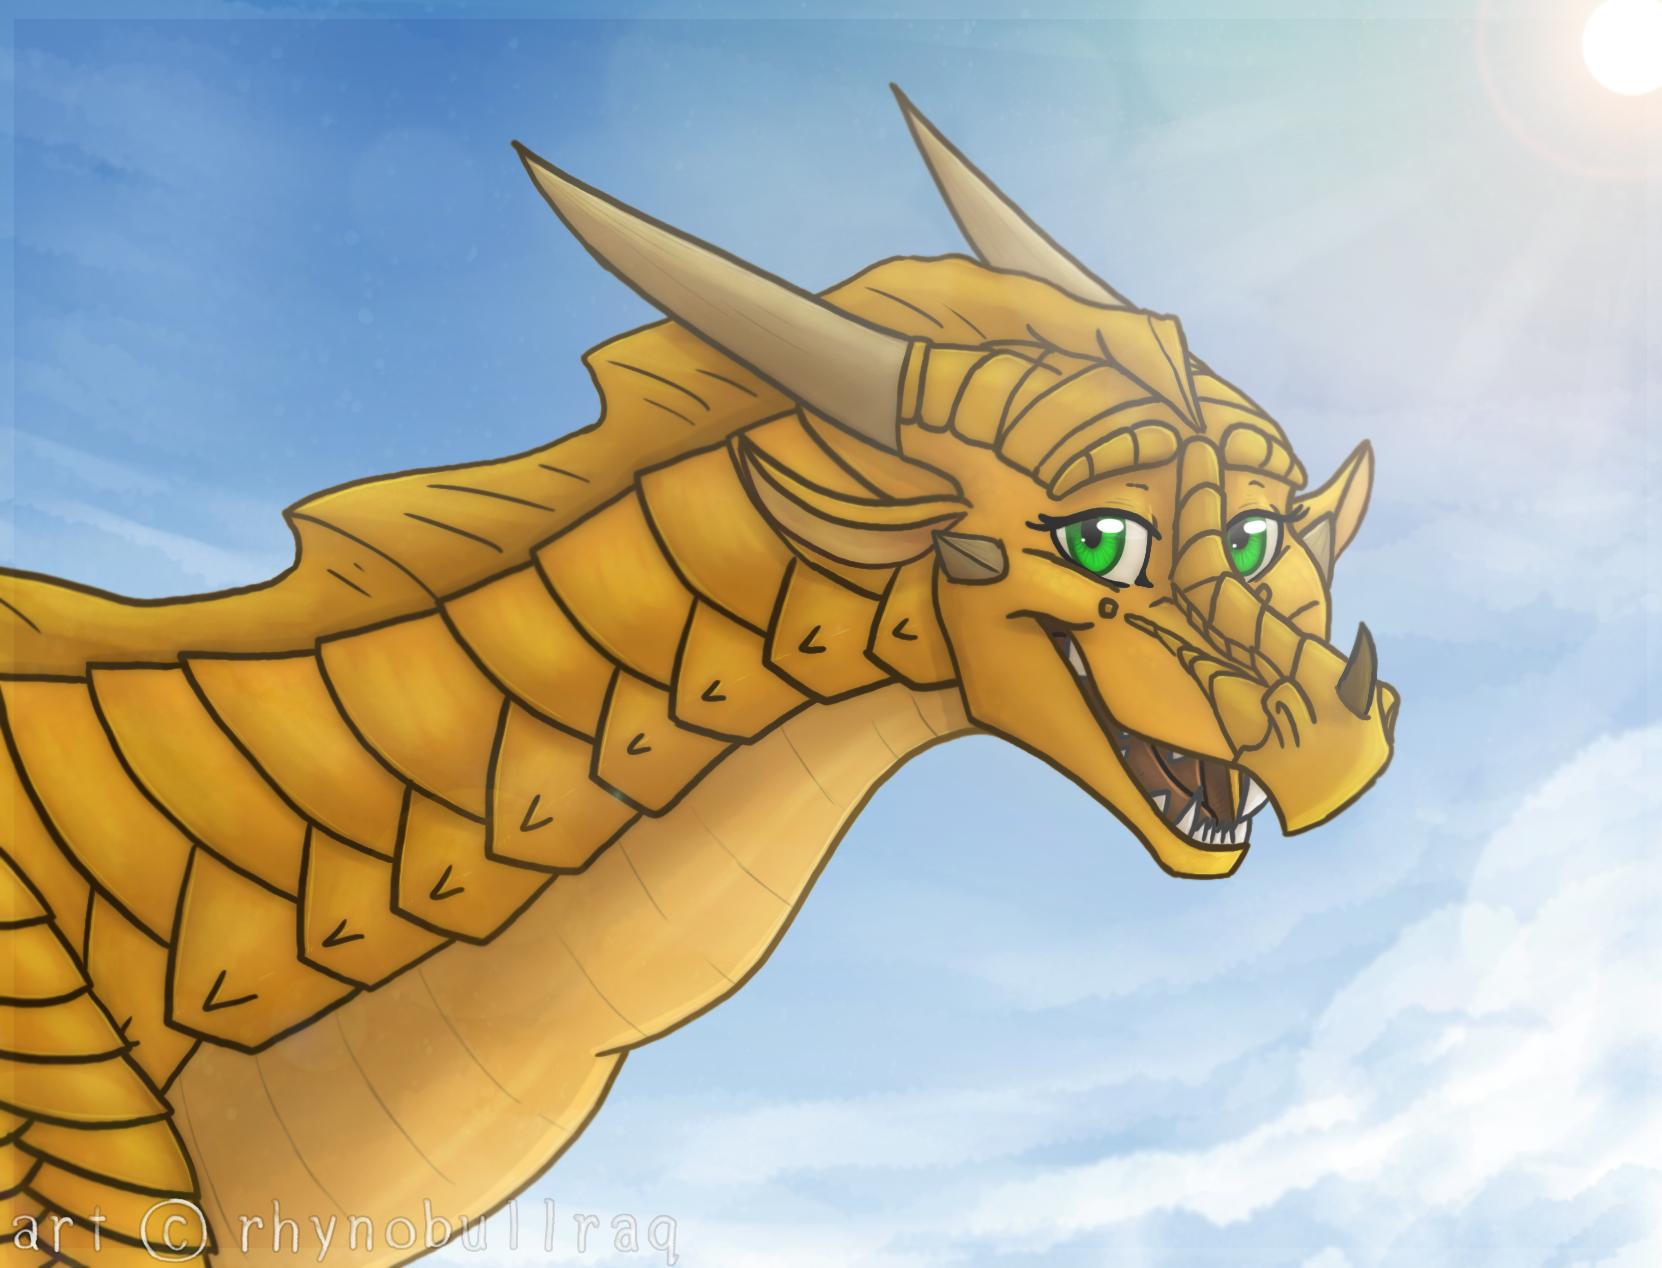 Pubg By Sodano On Deviantart: Wings Of Fire By RhynoBullraq On DeviantArt